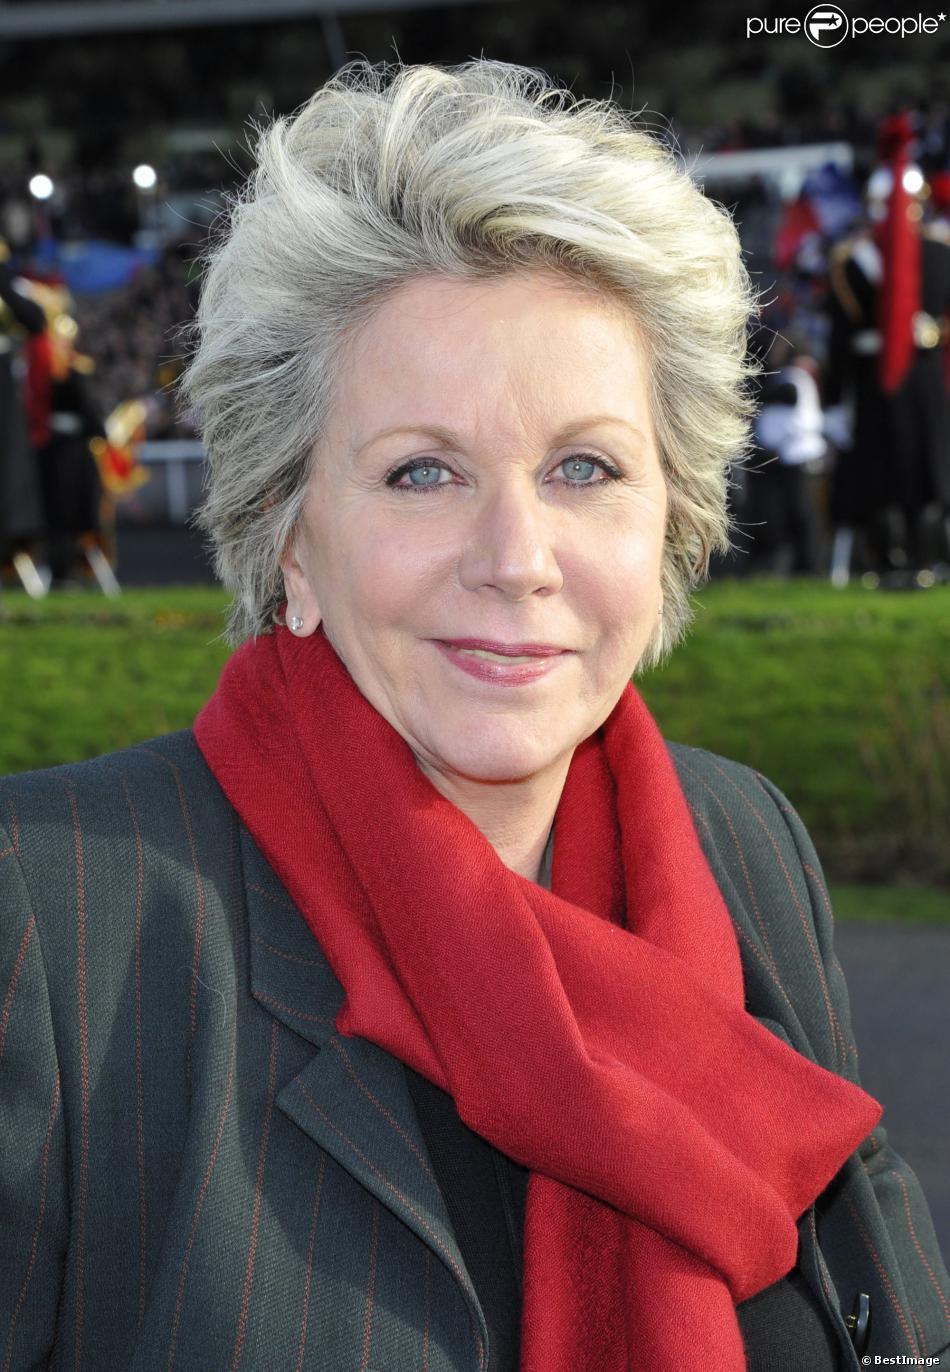 Françoise Laborde - 92eme Grand Prix d'Amérique à L'Hippodrome de Vincennes à Paris. Le 27 janvier 2013.